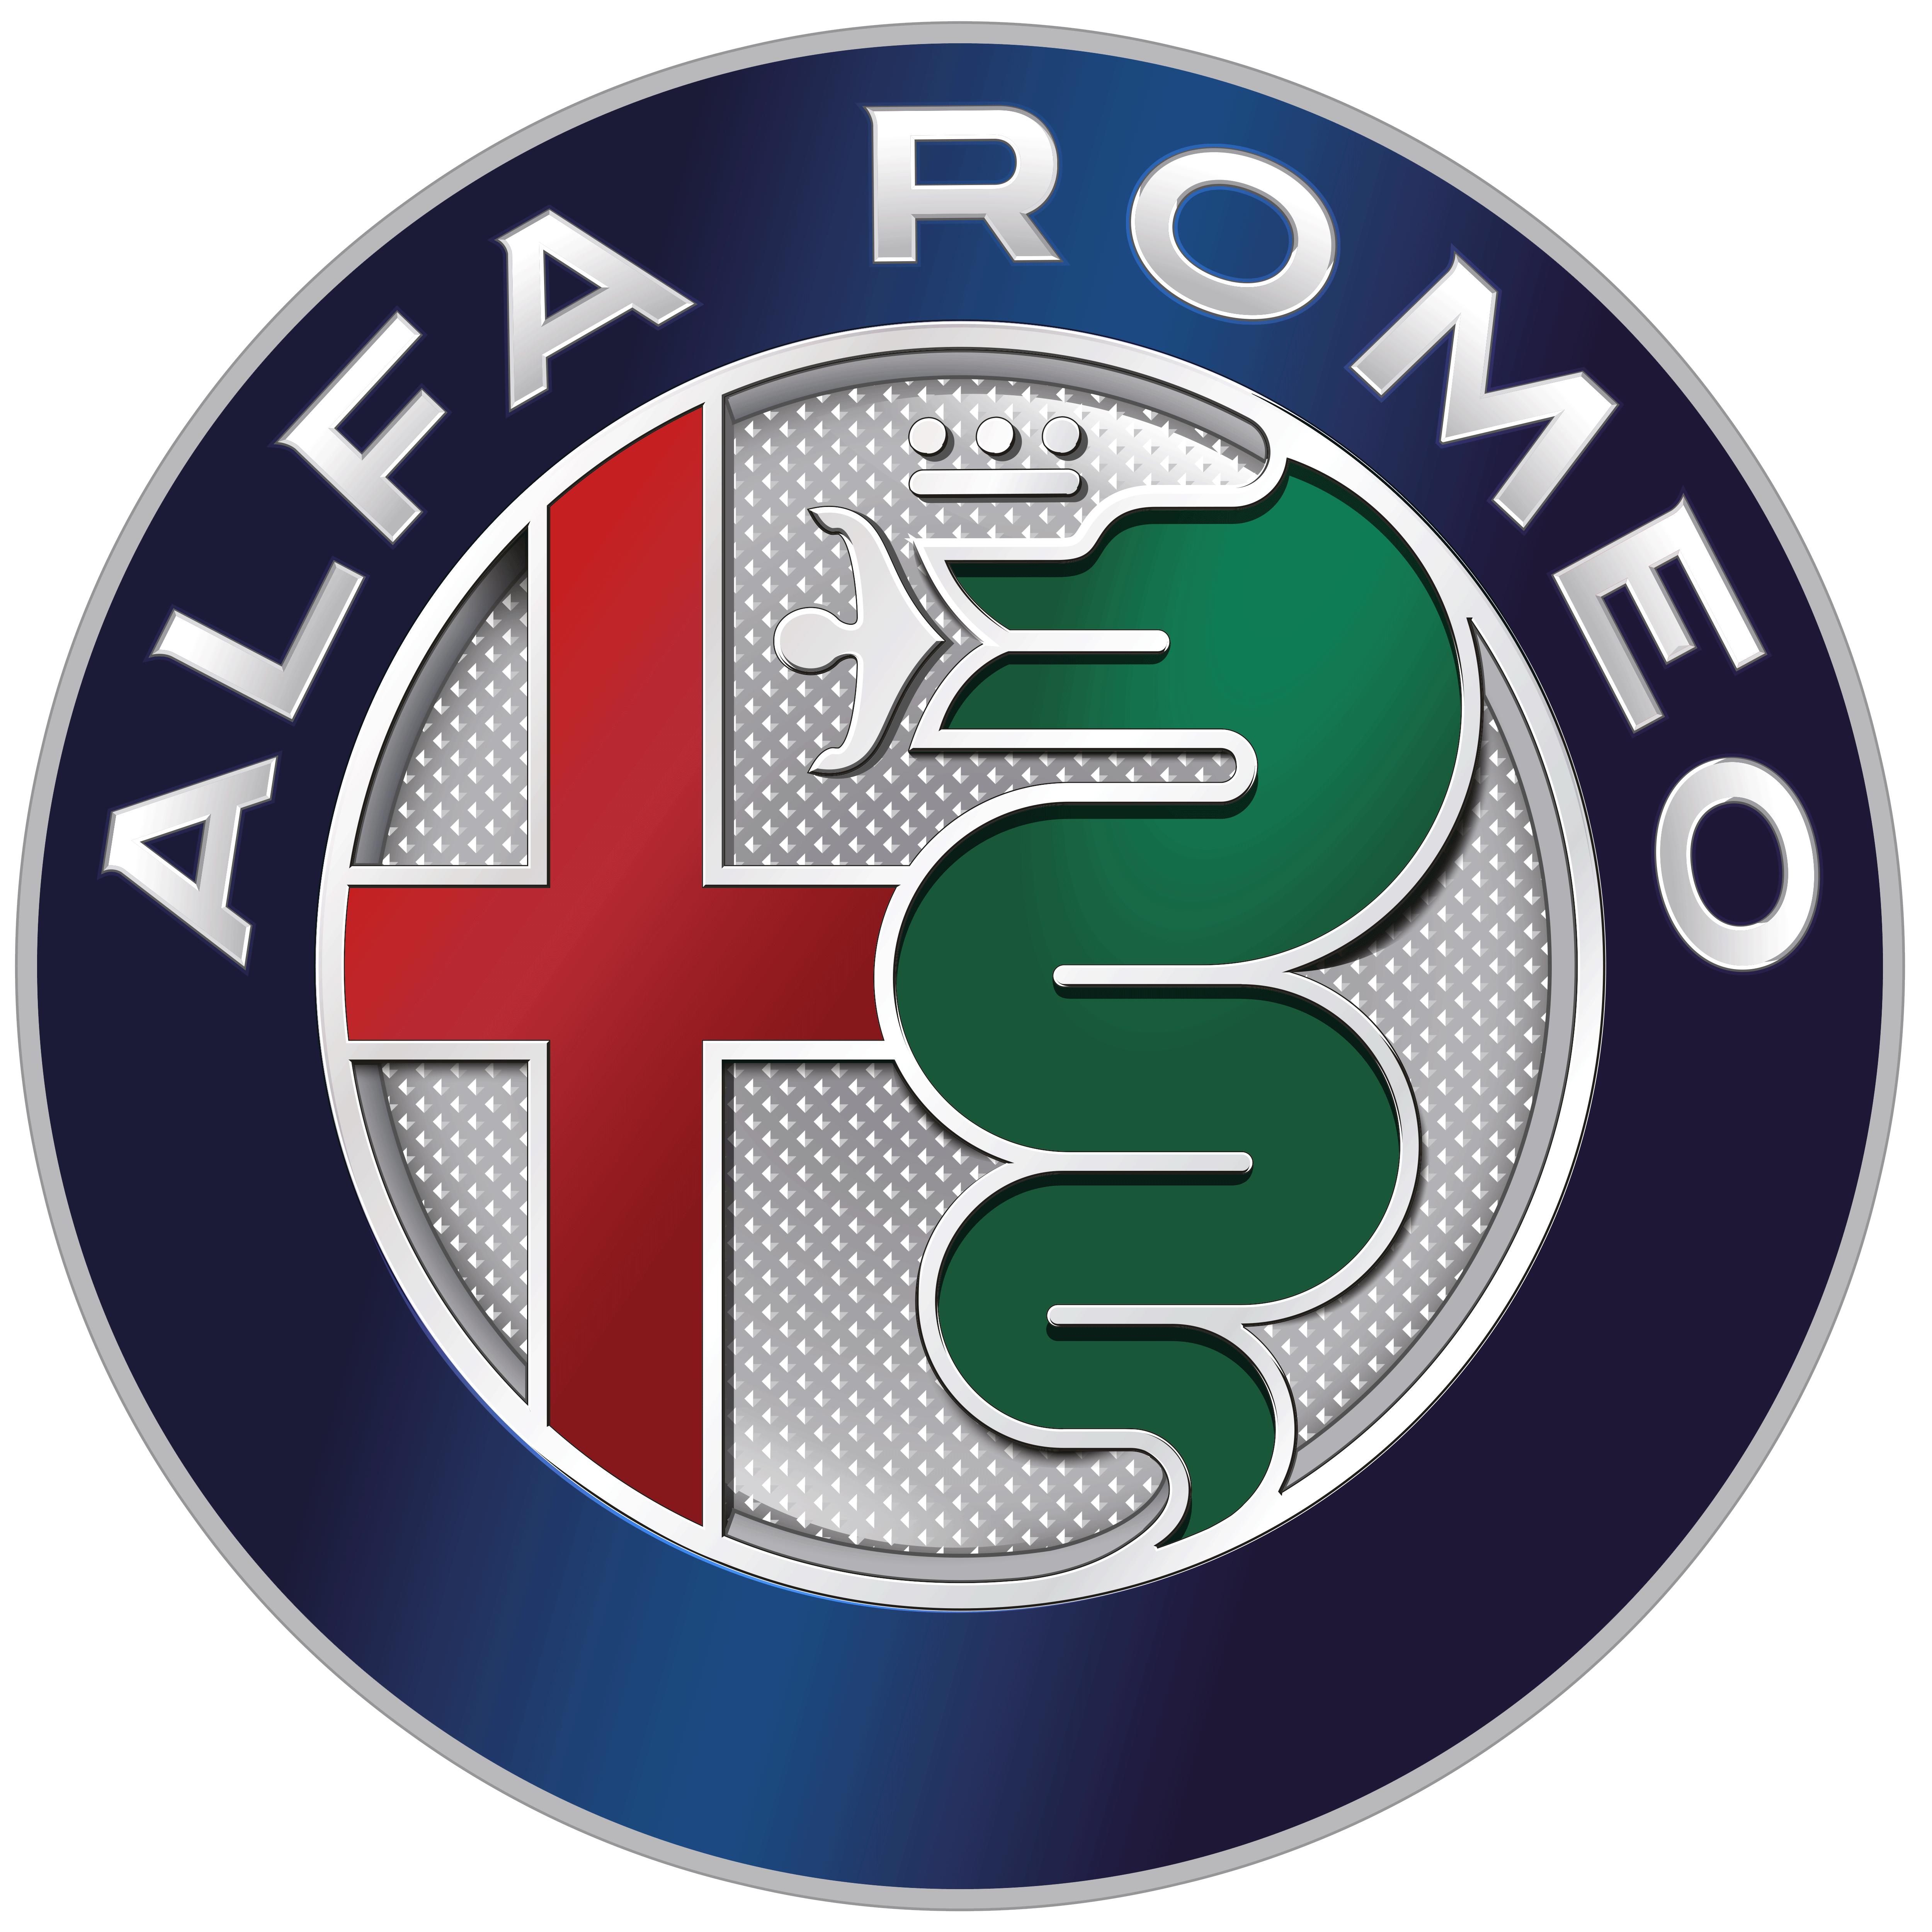 Le Logo De Alfa Romeo Png 5 000 5 000 Pixels Luxury Car Logos Alfa Romeo Logo Alfa Romeo Cars